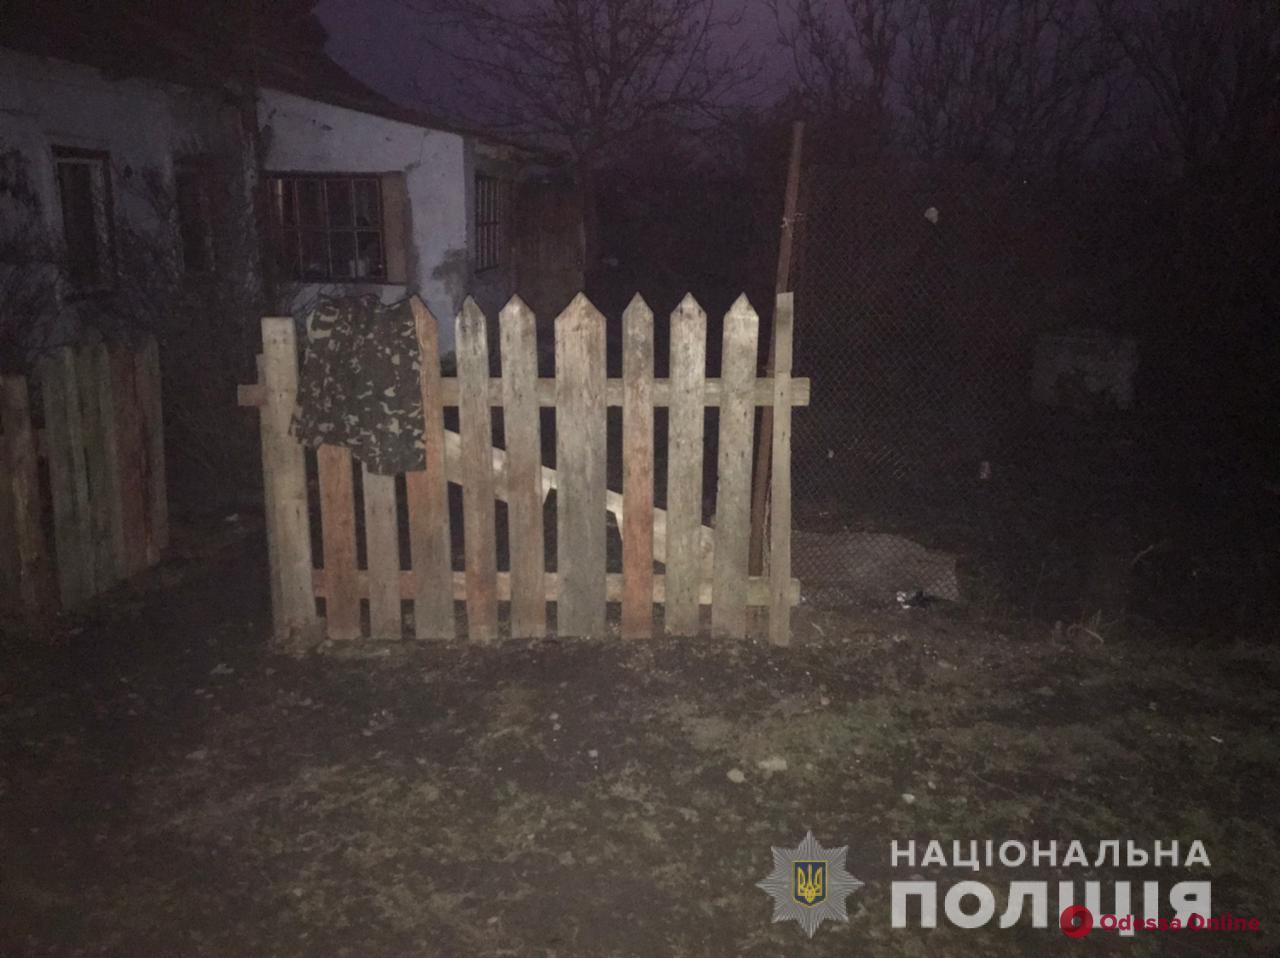 Пьяный житель Одесской области напал с ножом на друга